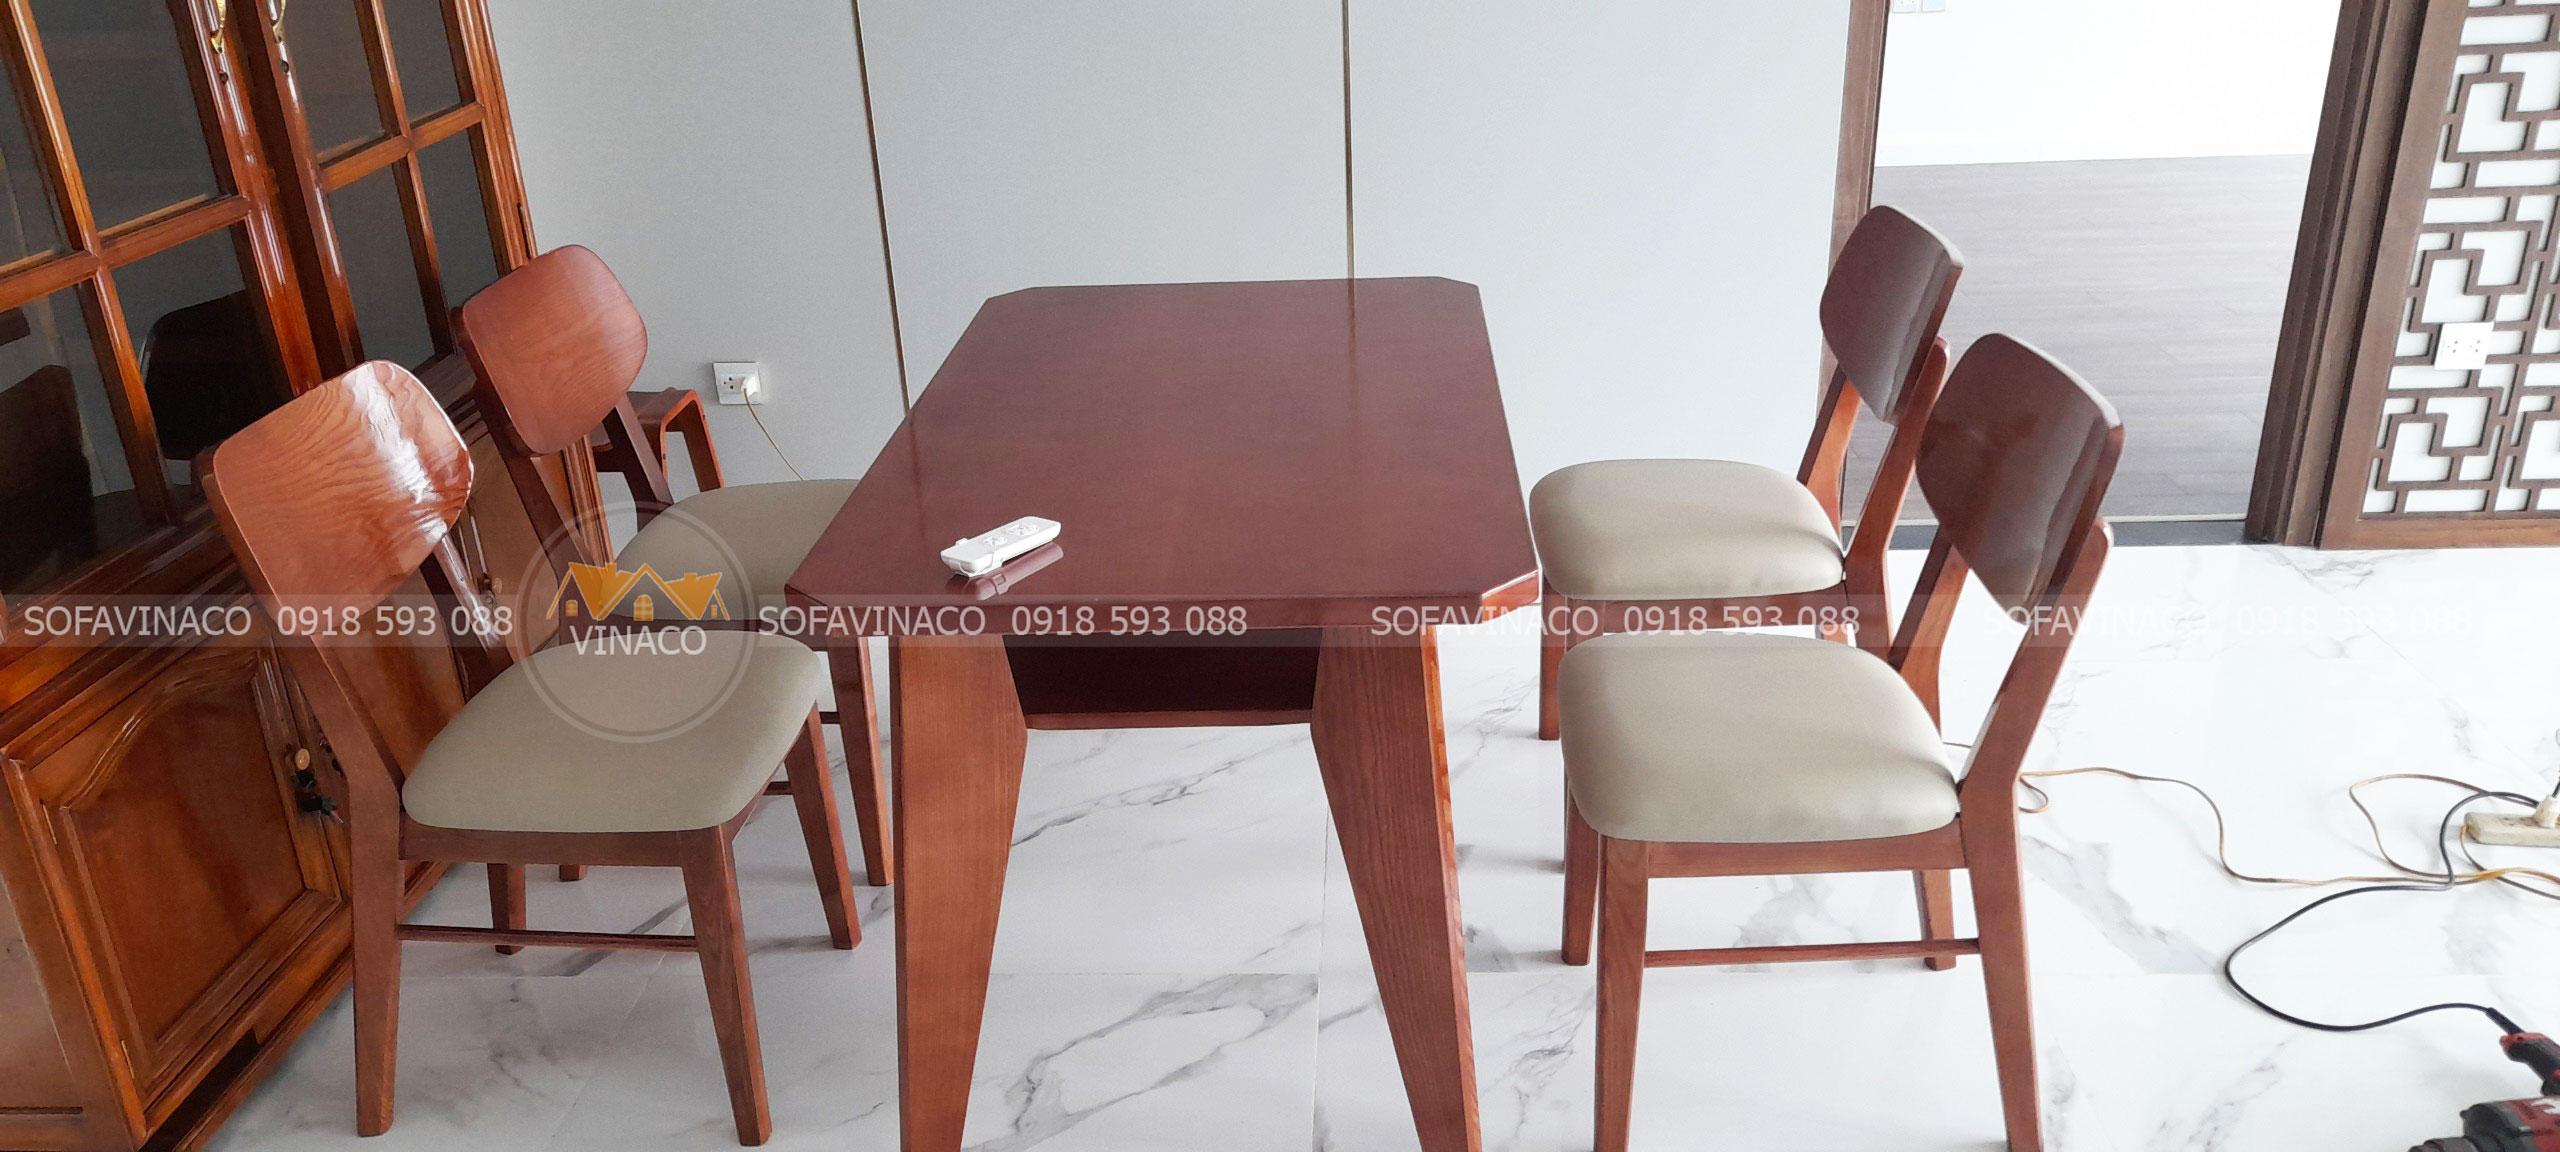 Chuyên bọc ghế bàn ăn giá tốt của gia đình chị Chi tại Sunshine City, Hà Nội